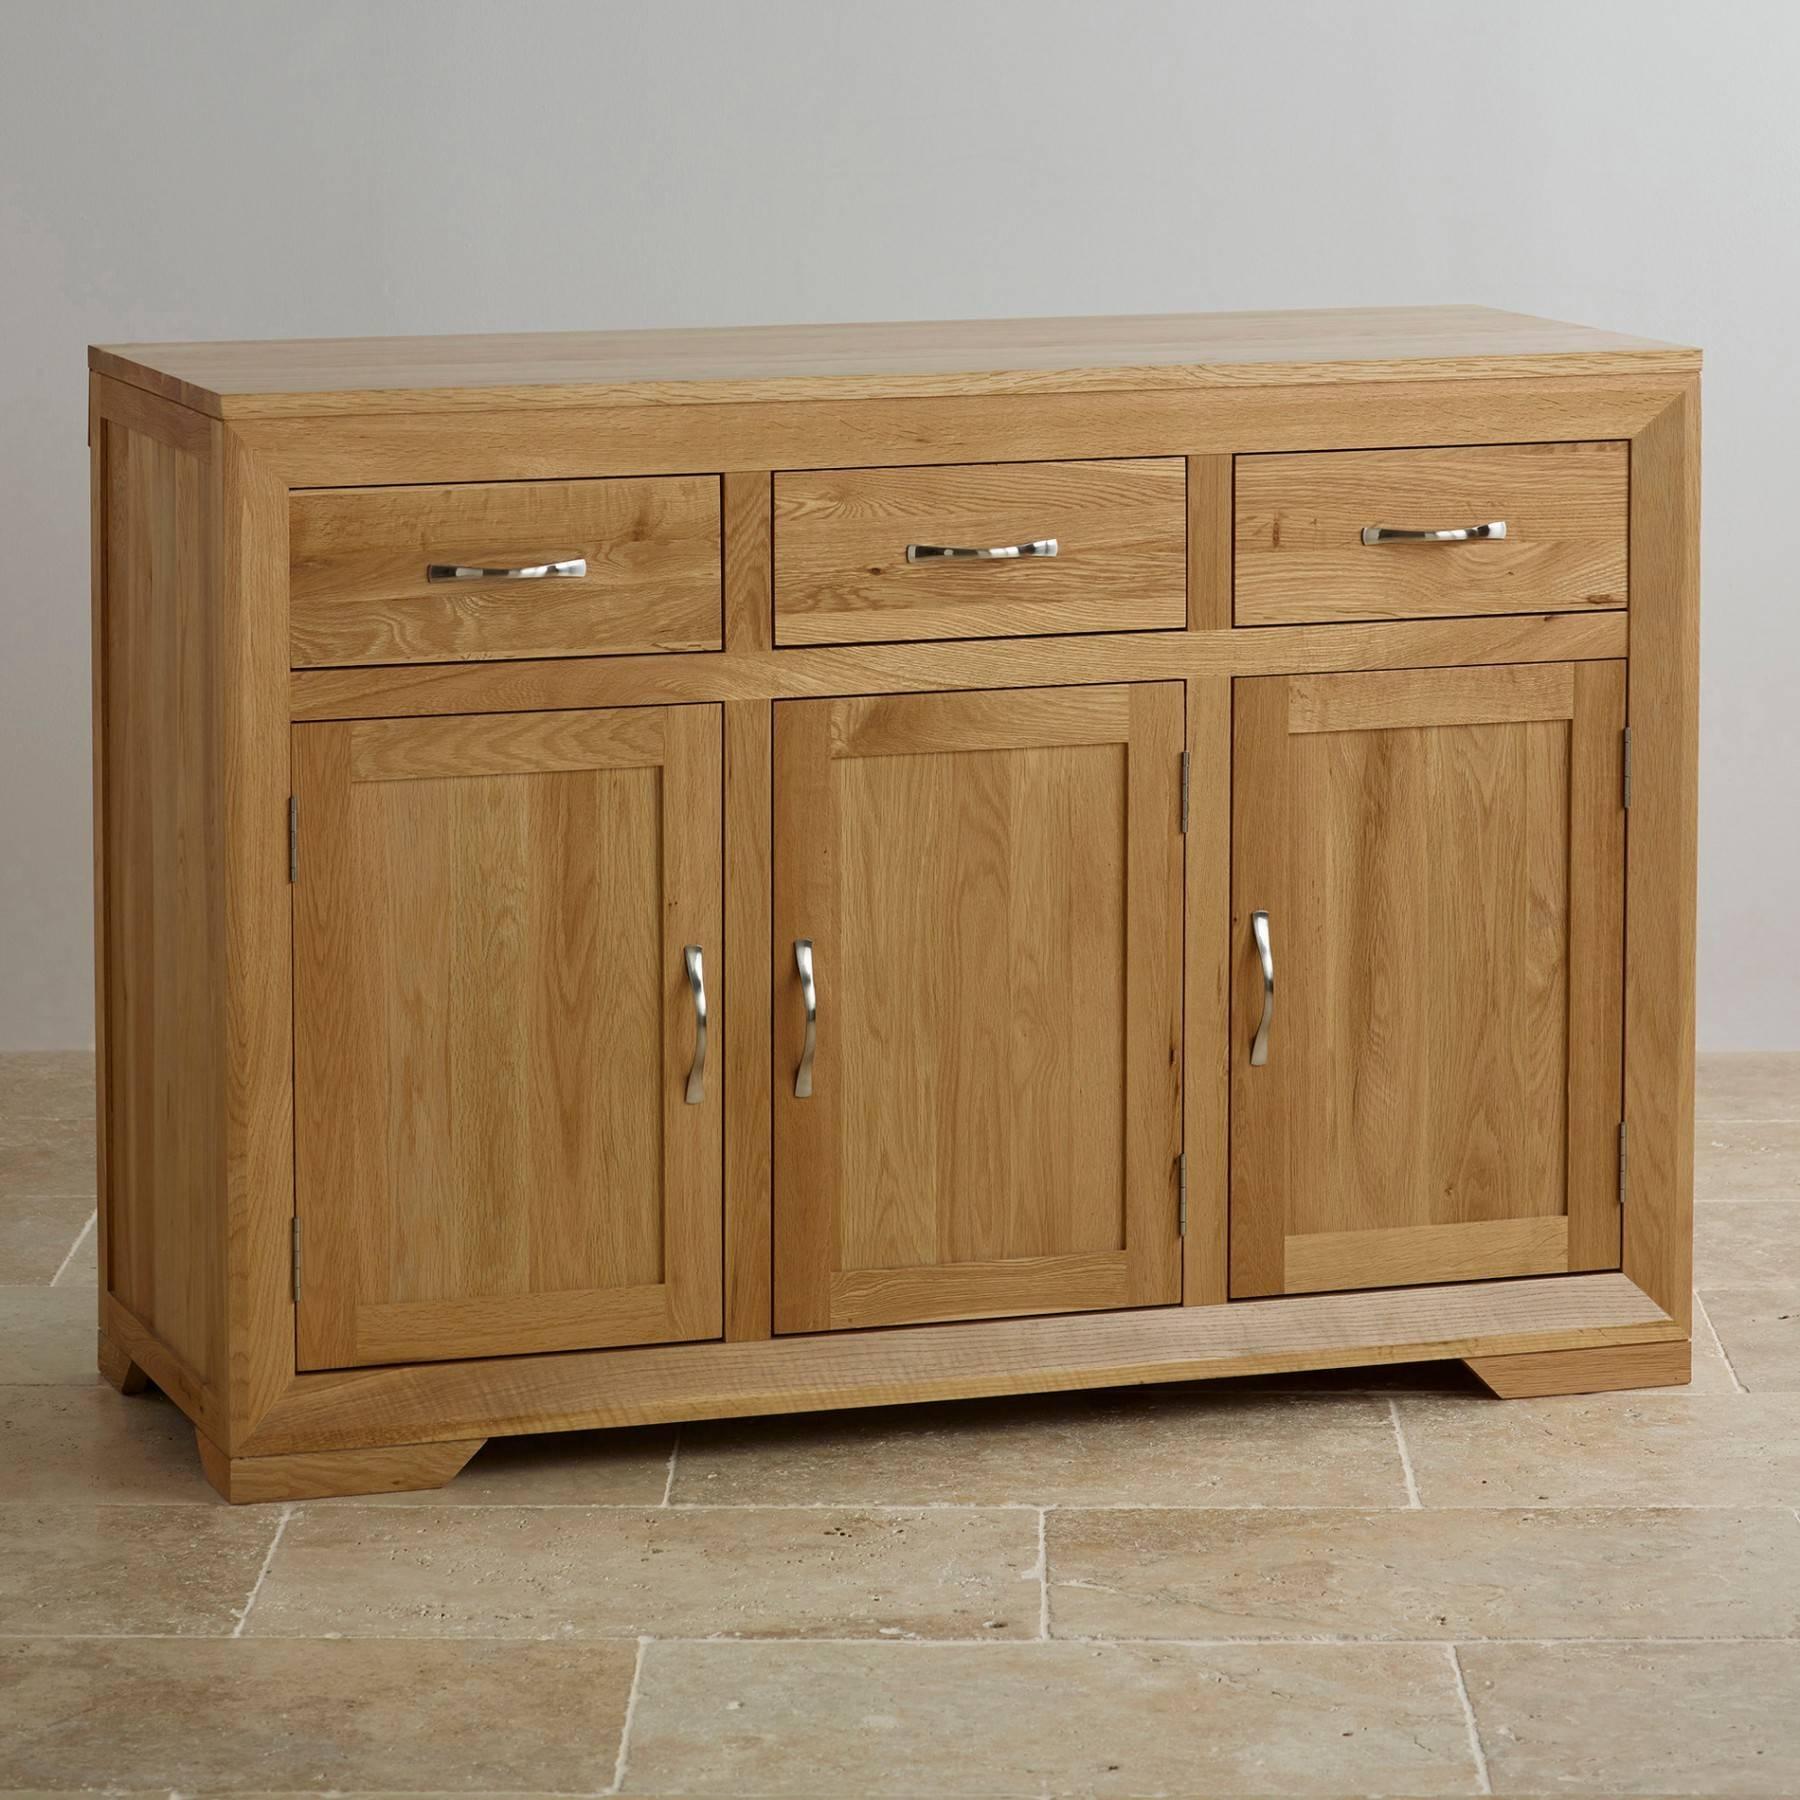 Bevel Natural Solid Oak Large Sideboard | Sideboards | Dining Room regarding Solid Oak Sideboards (Image 1 of 15)